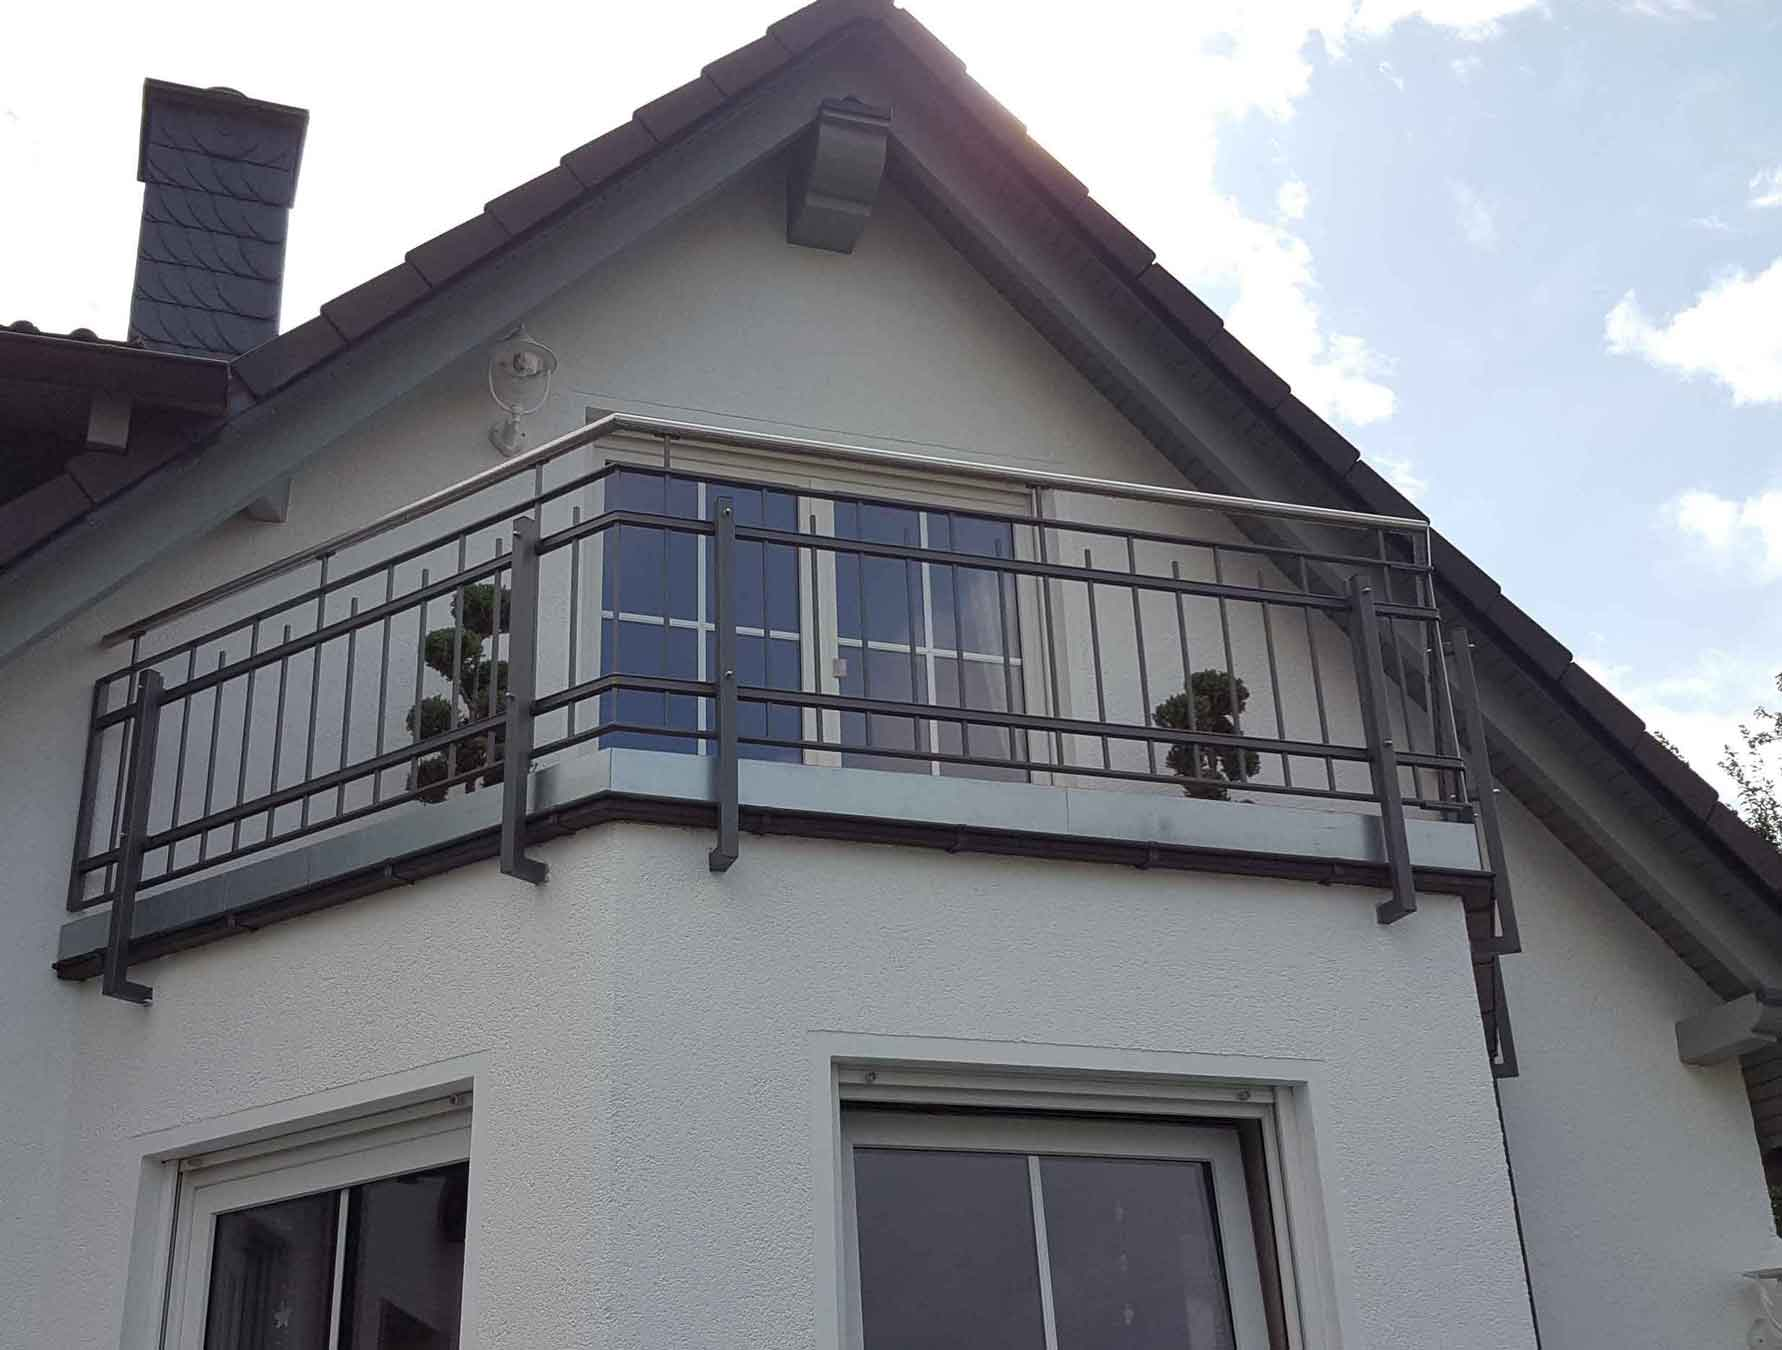 Hirsch Metallbau Balkongeländer 038 - Balkongeländer